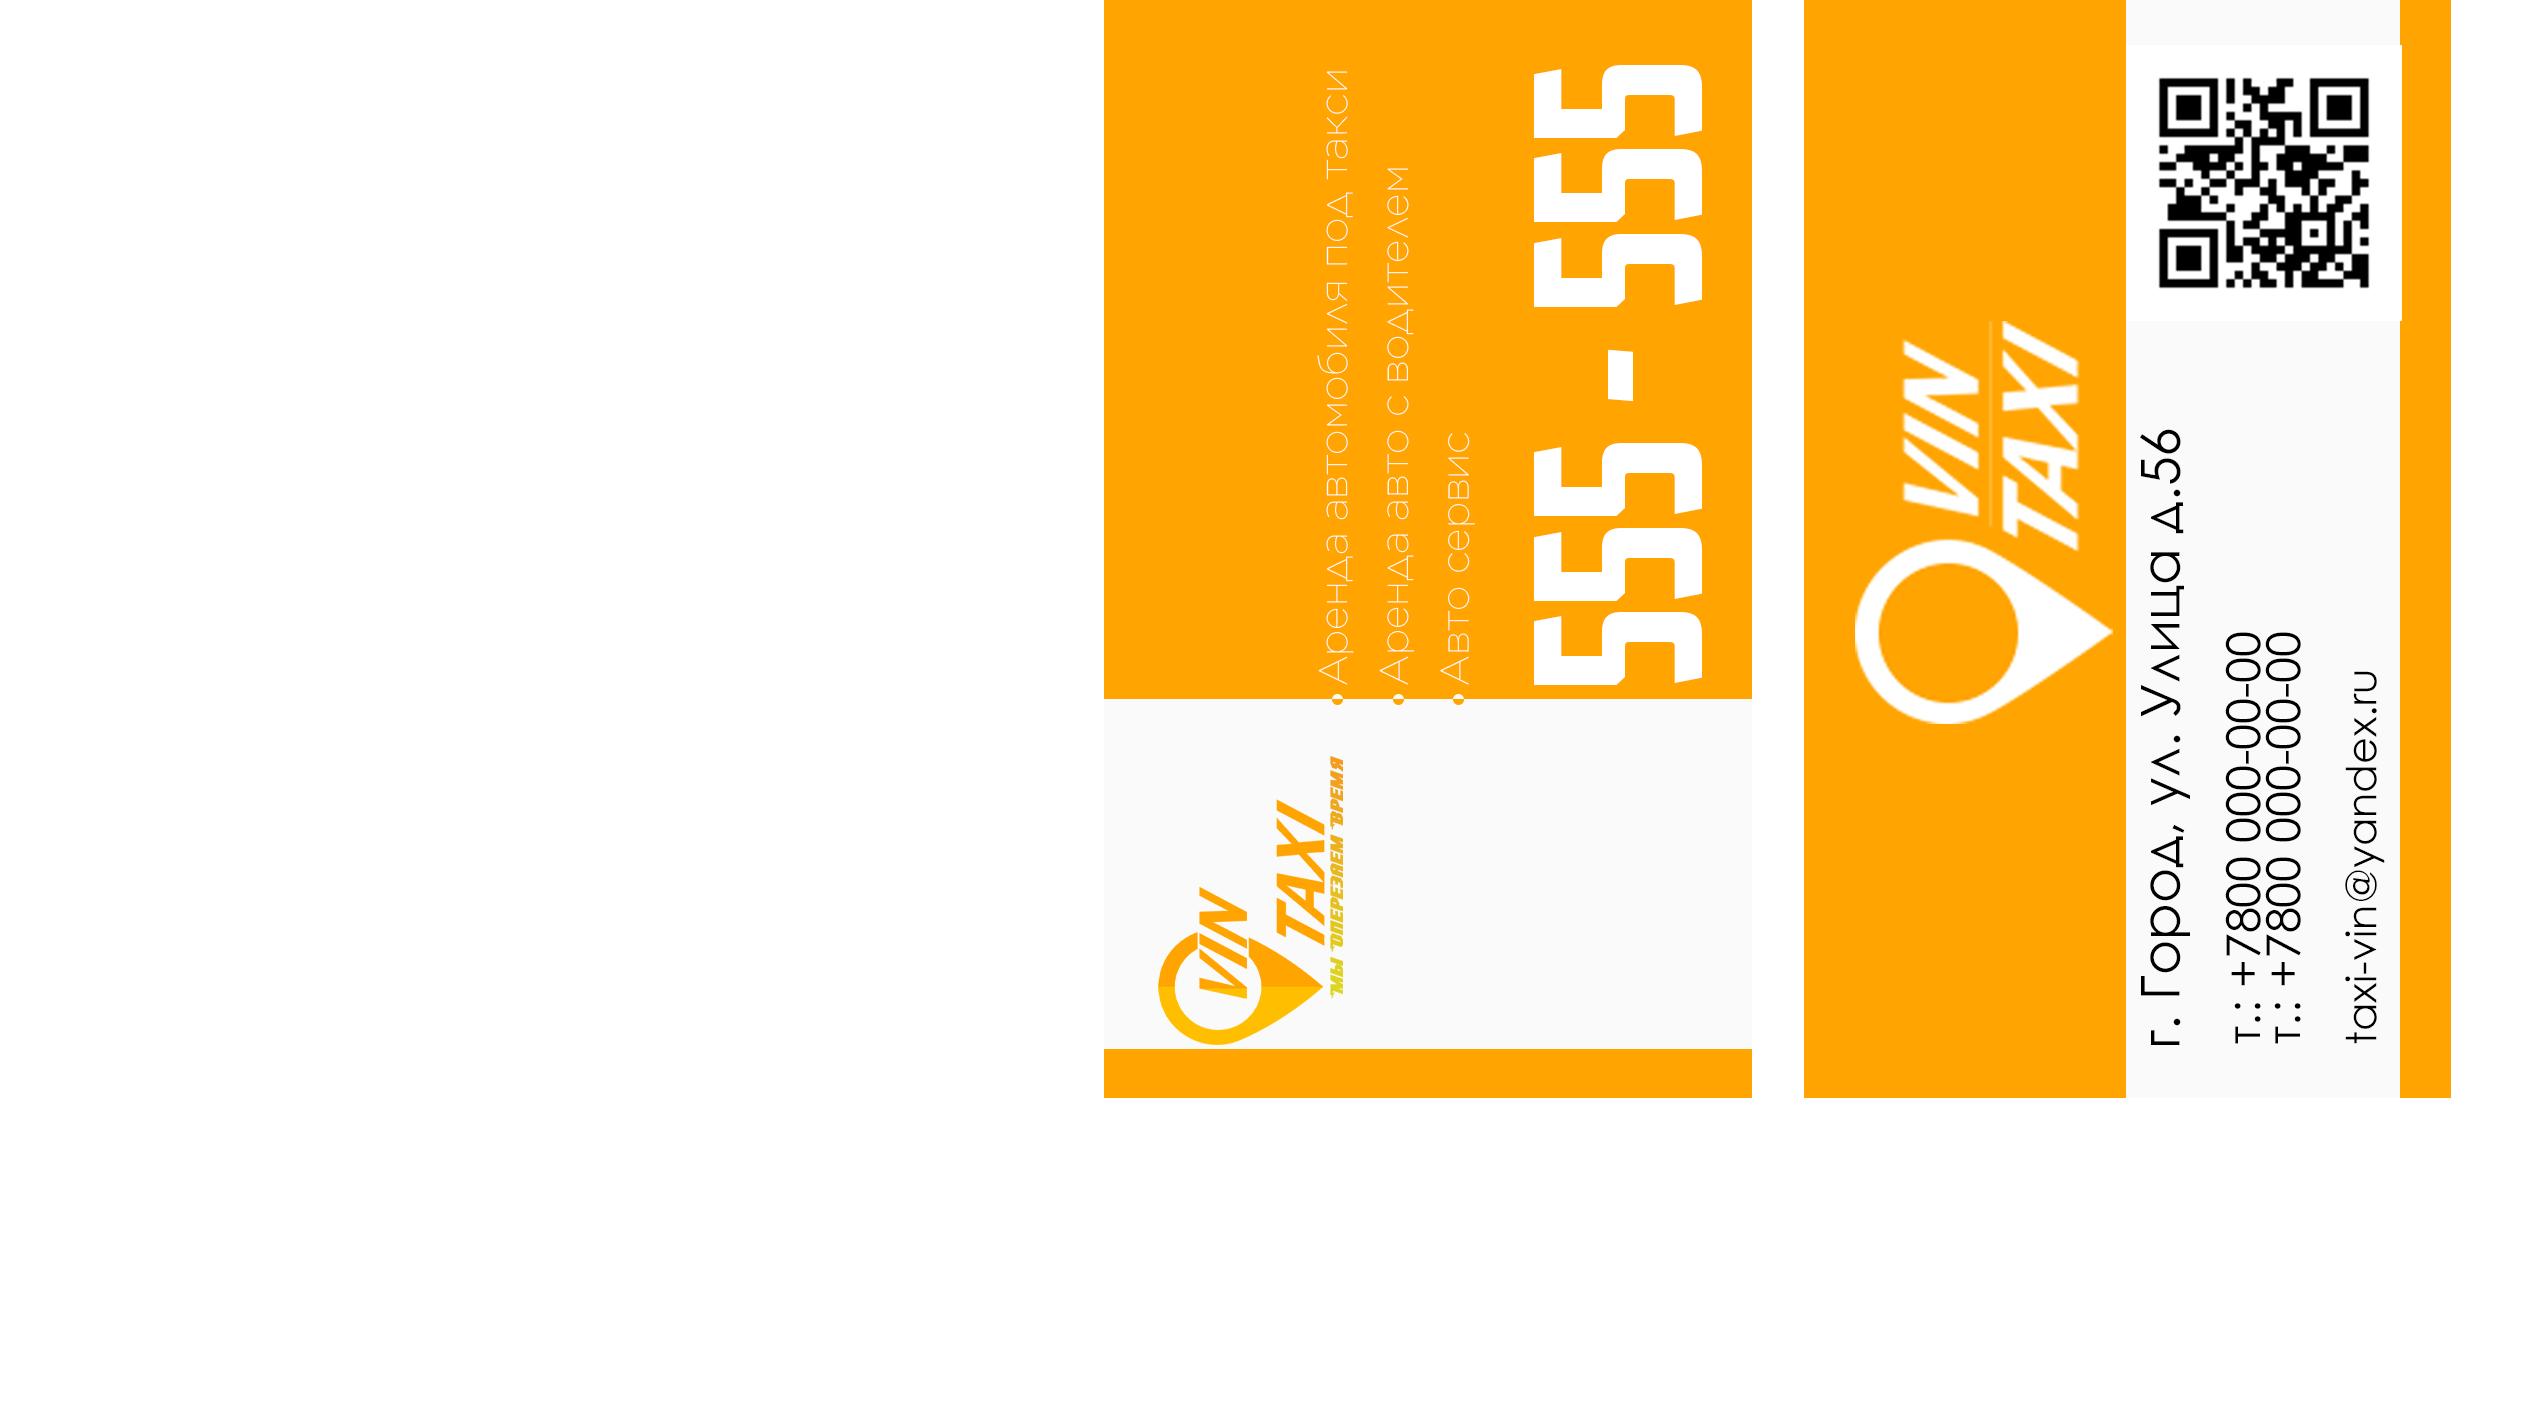 Разработка логотипа и фирменного стиля для такси фото f_1375b9ba7c4728c9.png